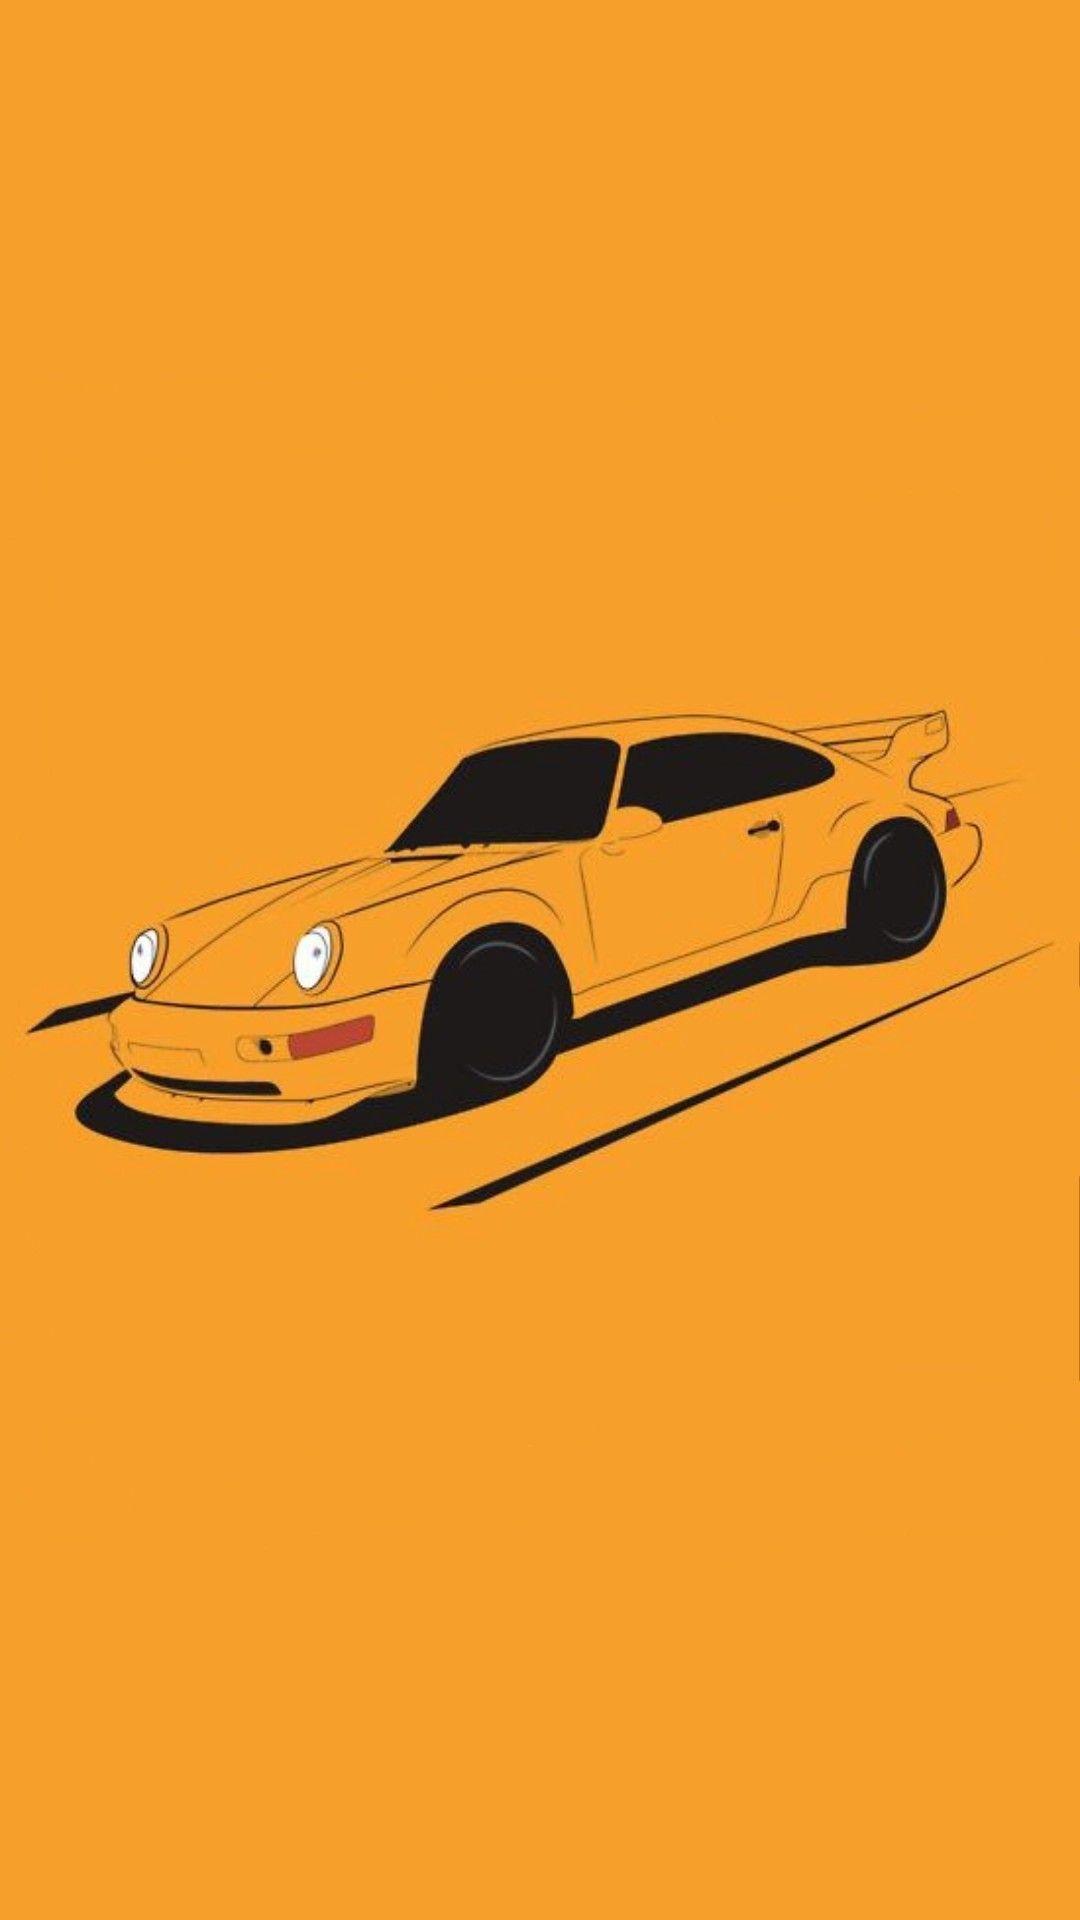 Pin By Aaron Pan T2 On Wallpaper Porsche Art Cars Porsche Cars